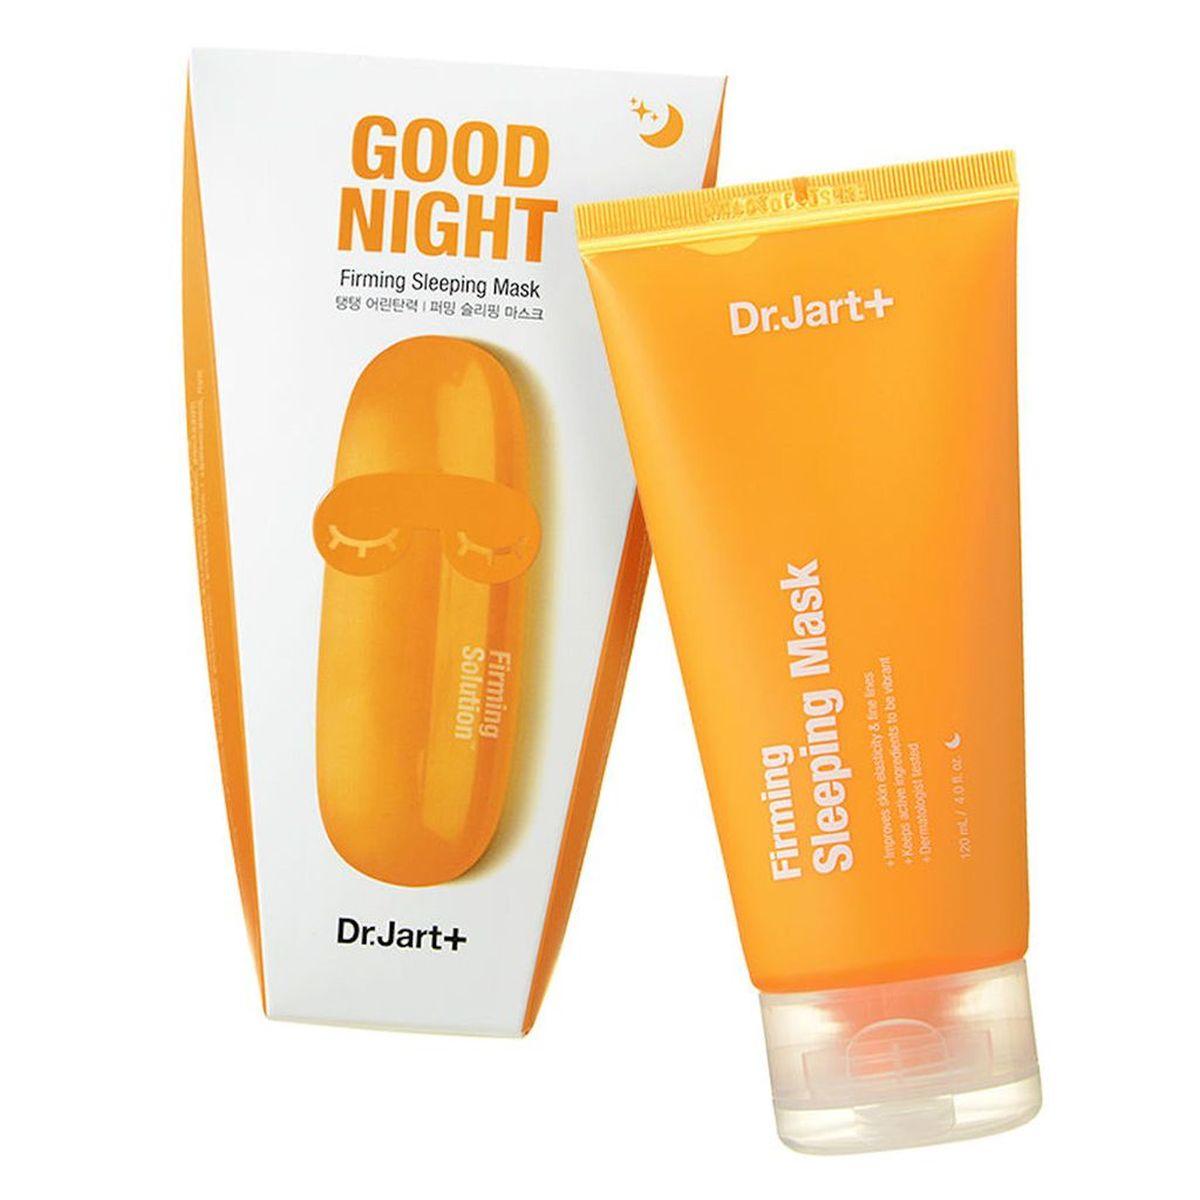 Укрепляющая ночная маска Dr.Jart+ Good Night Firming Sleeping Mask - 120 мл